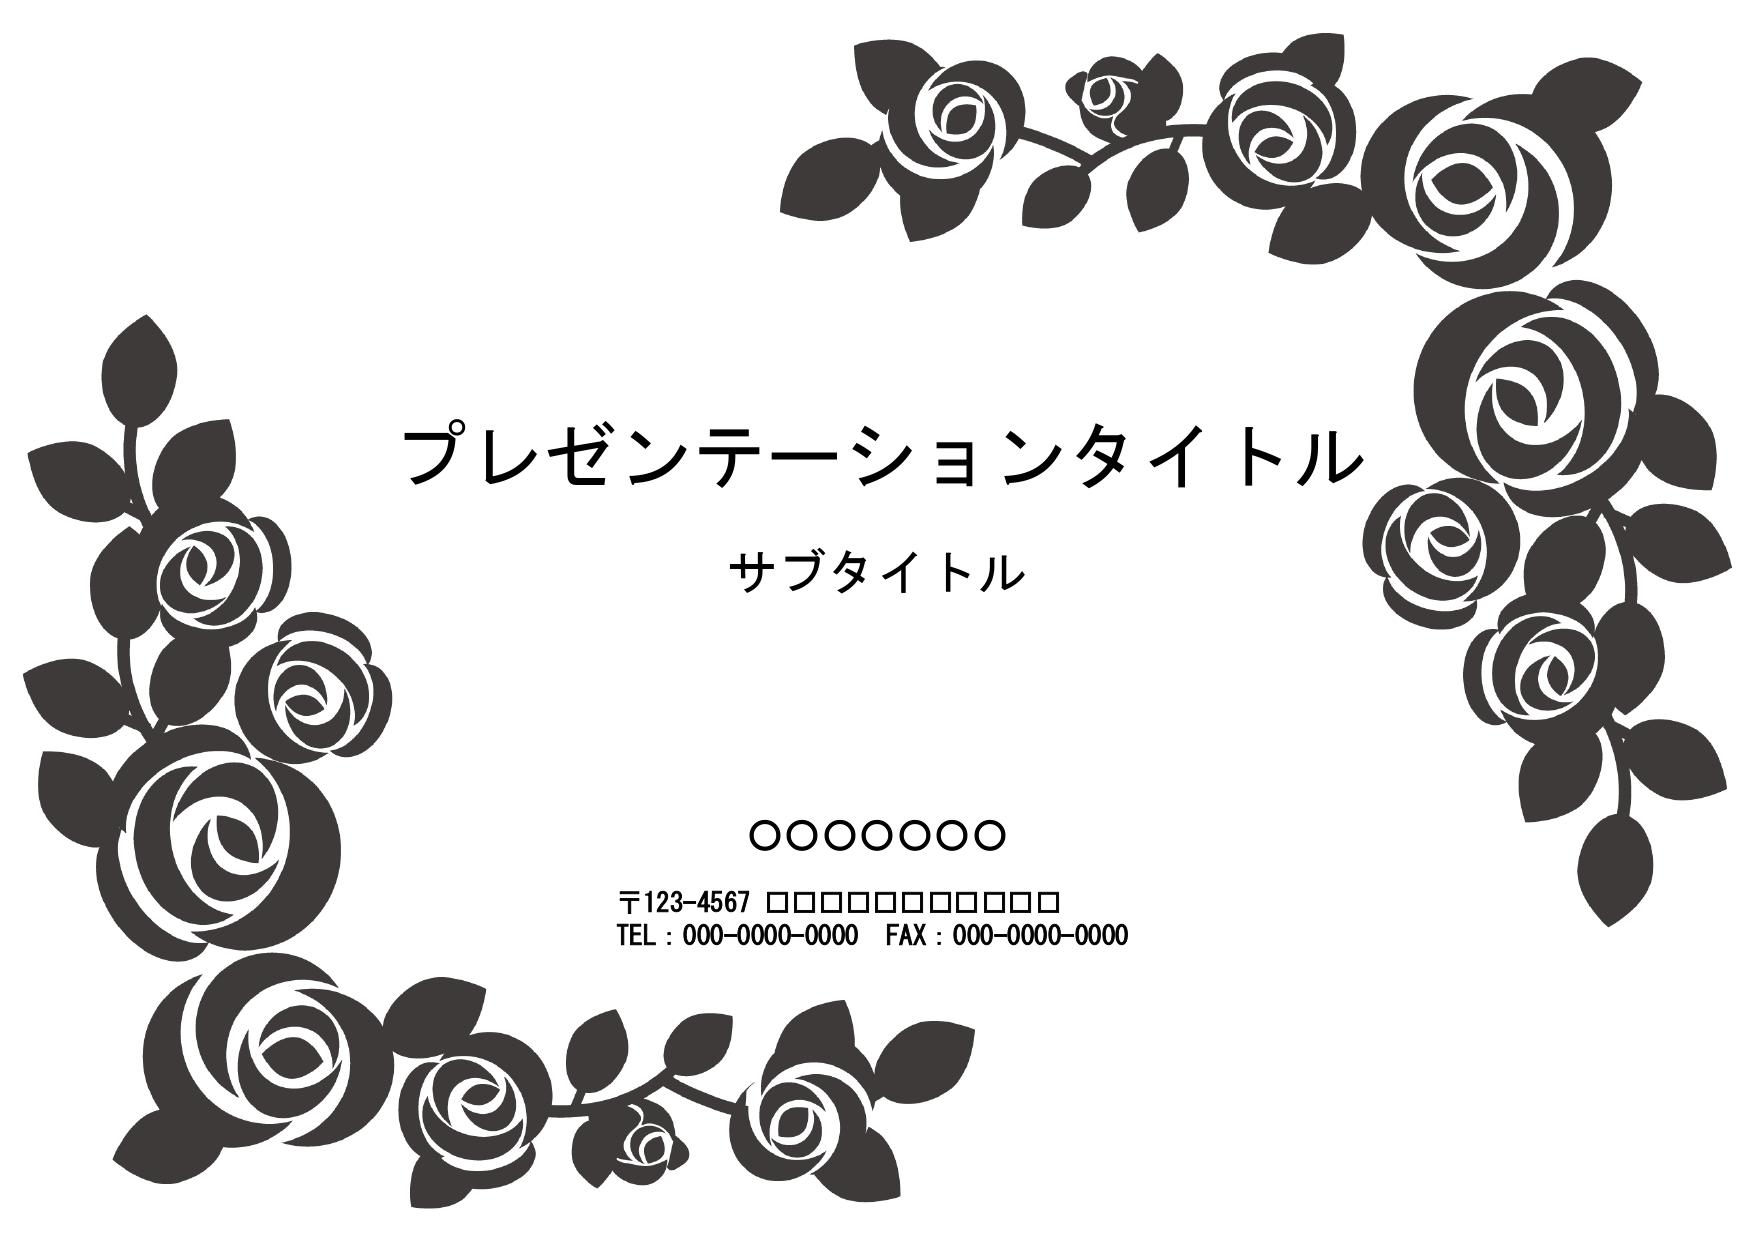 薔薇の花の背景「モノクロ」の表紙